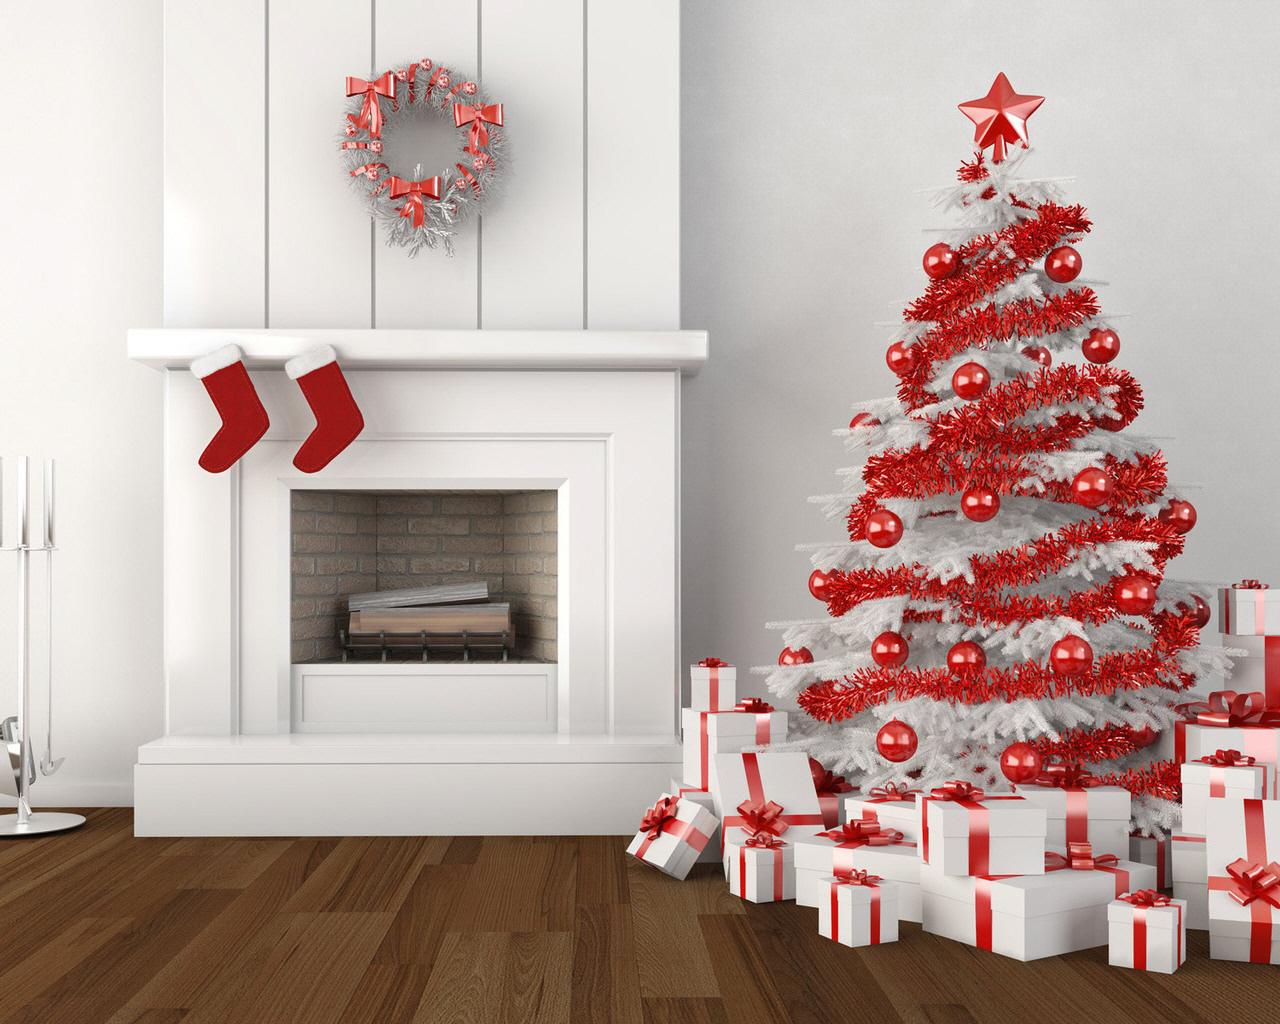 Новогодняя елка с подарками - C наступающим новым годом 2017 поздравительные картинки